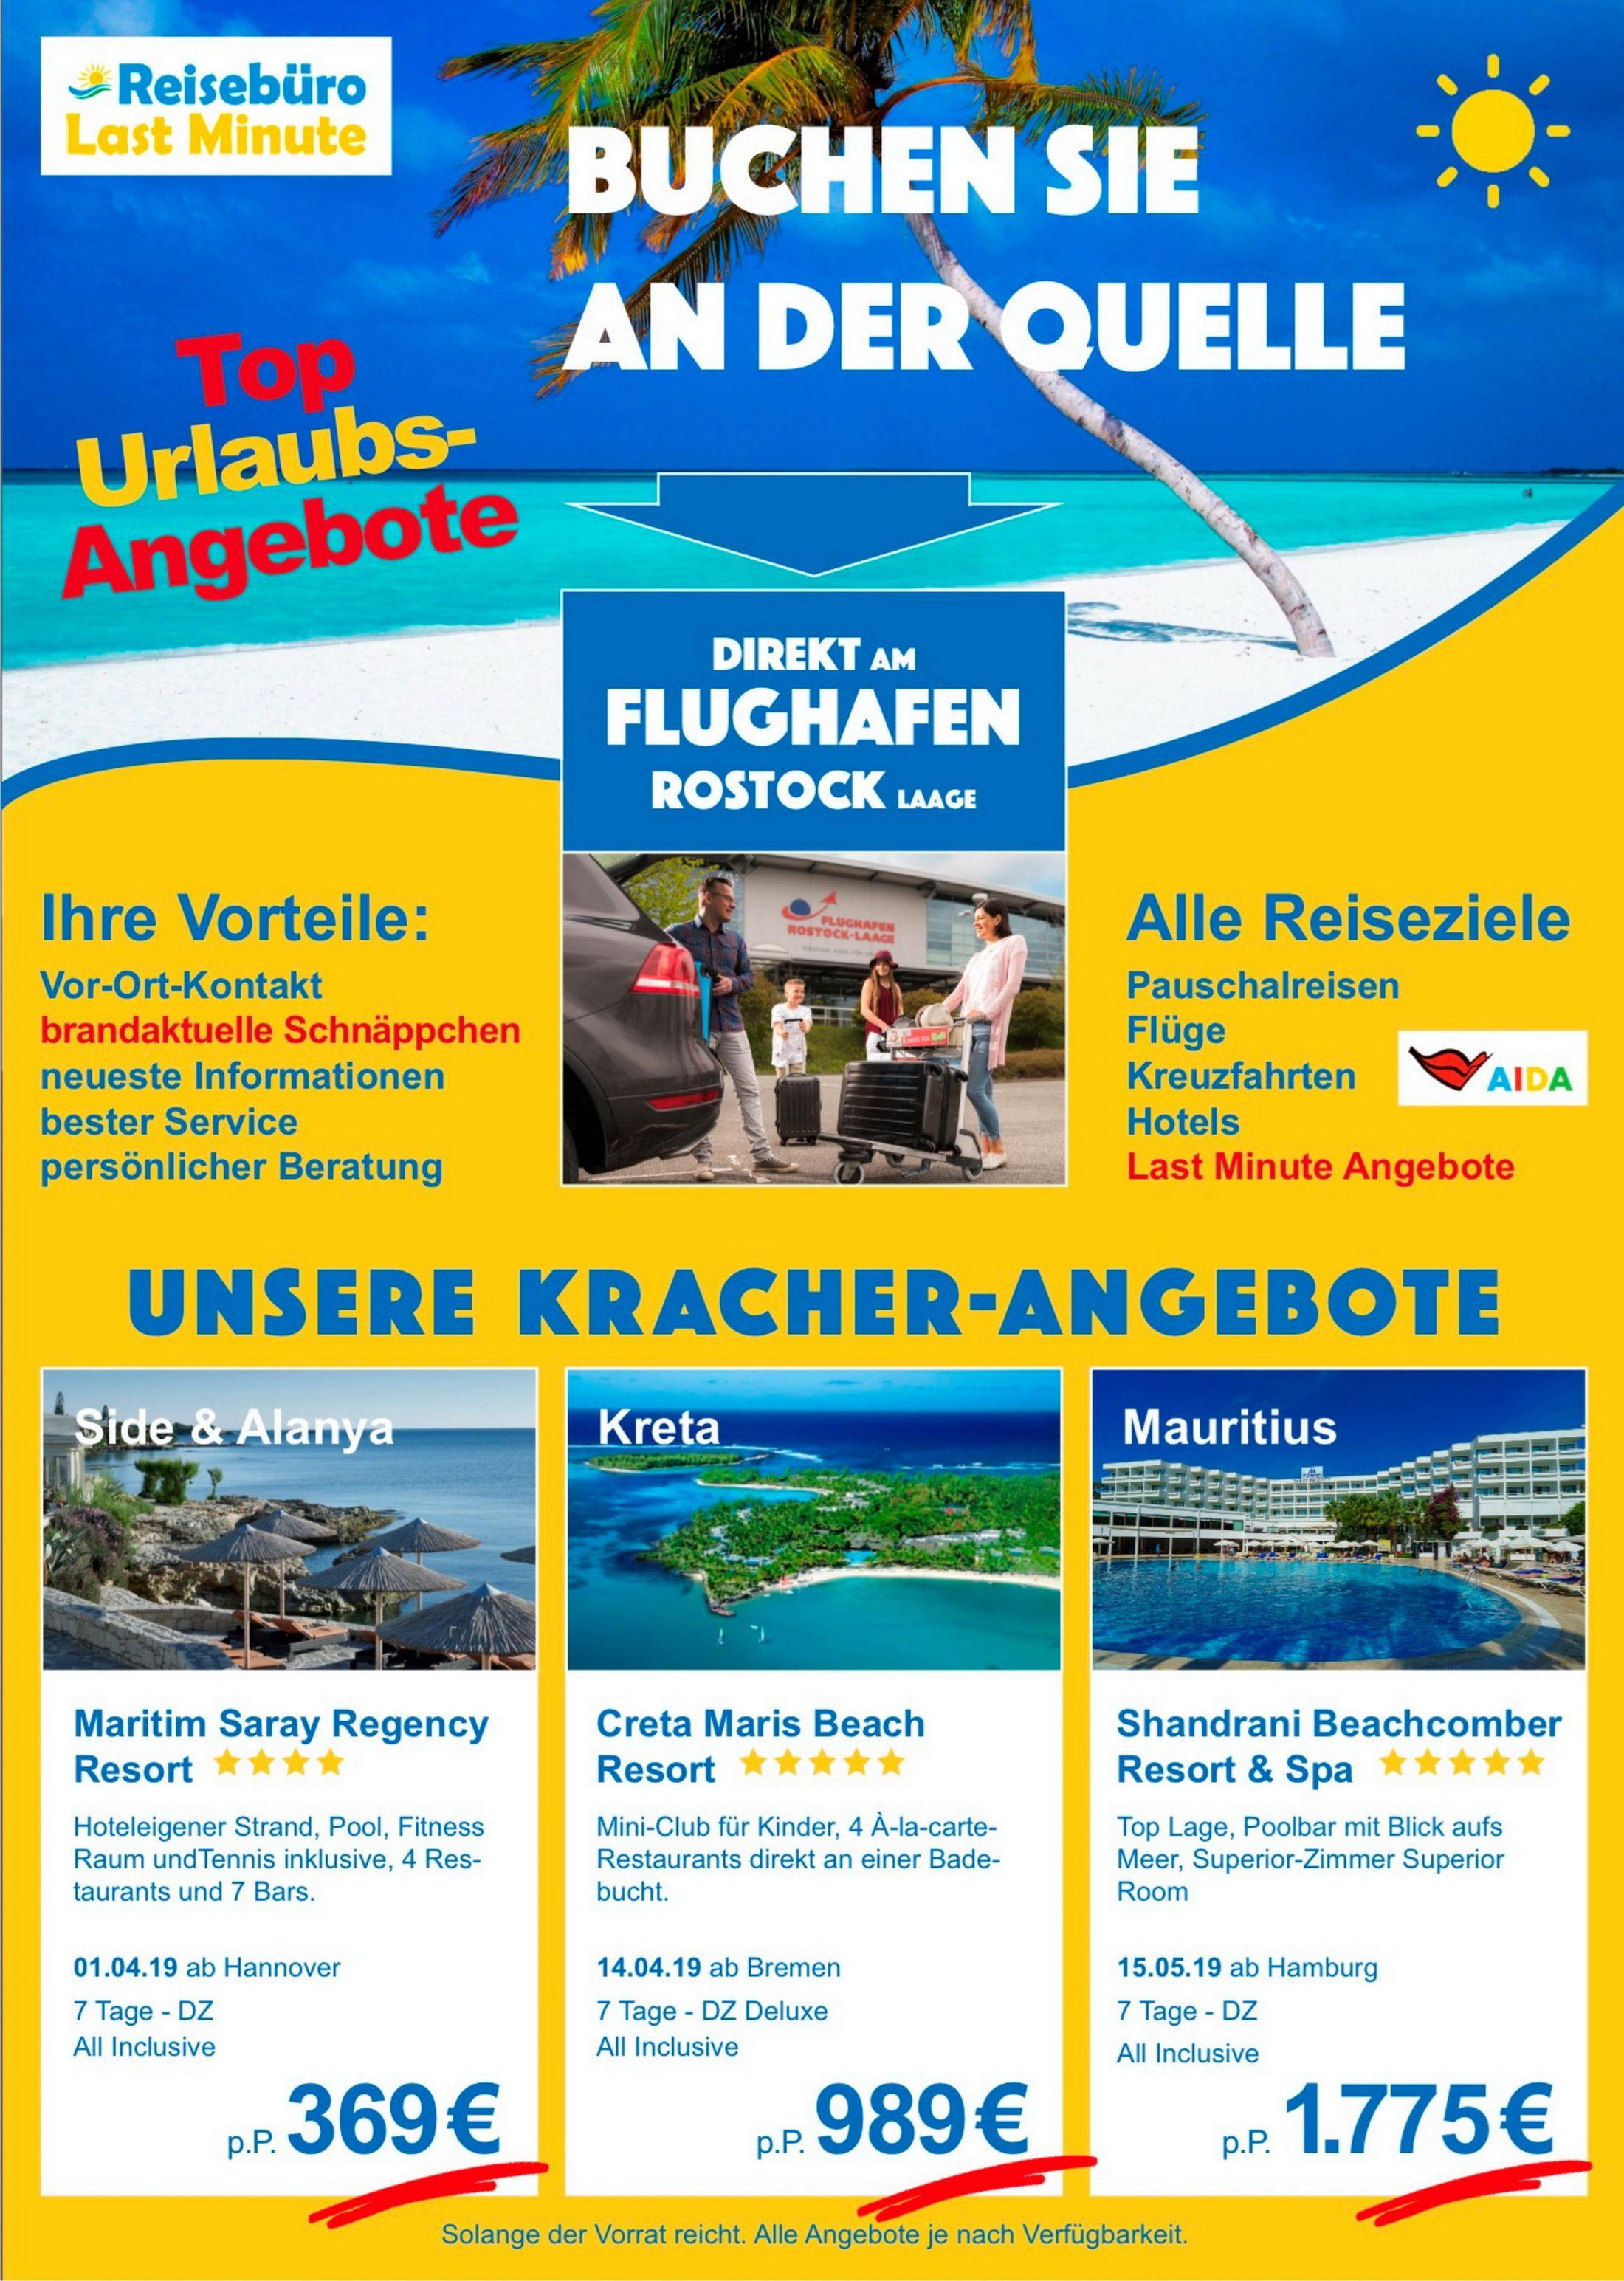 Flughafen SaarbrГјcken Last Minute Angebote